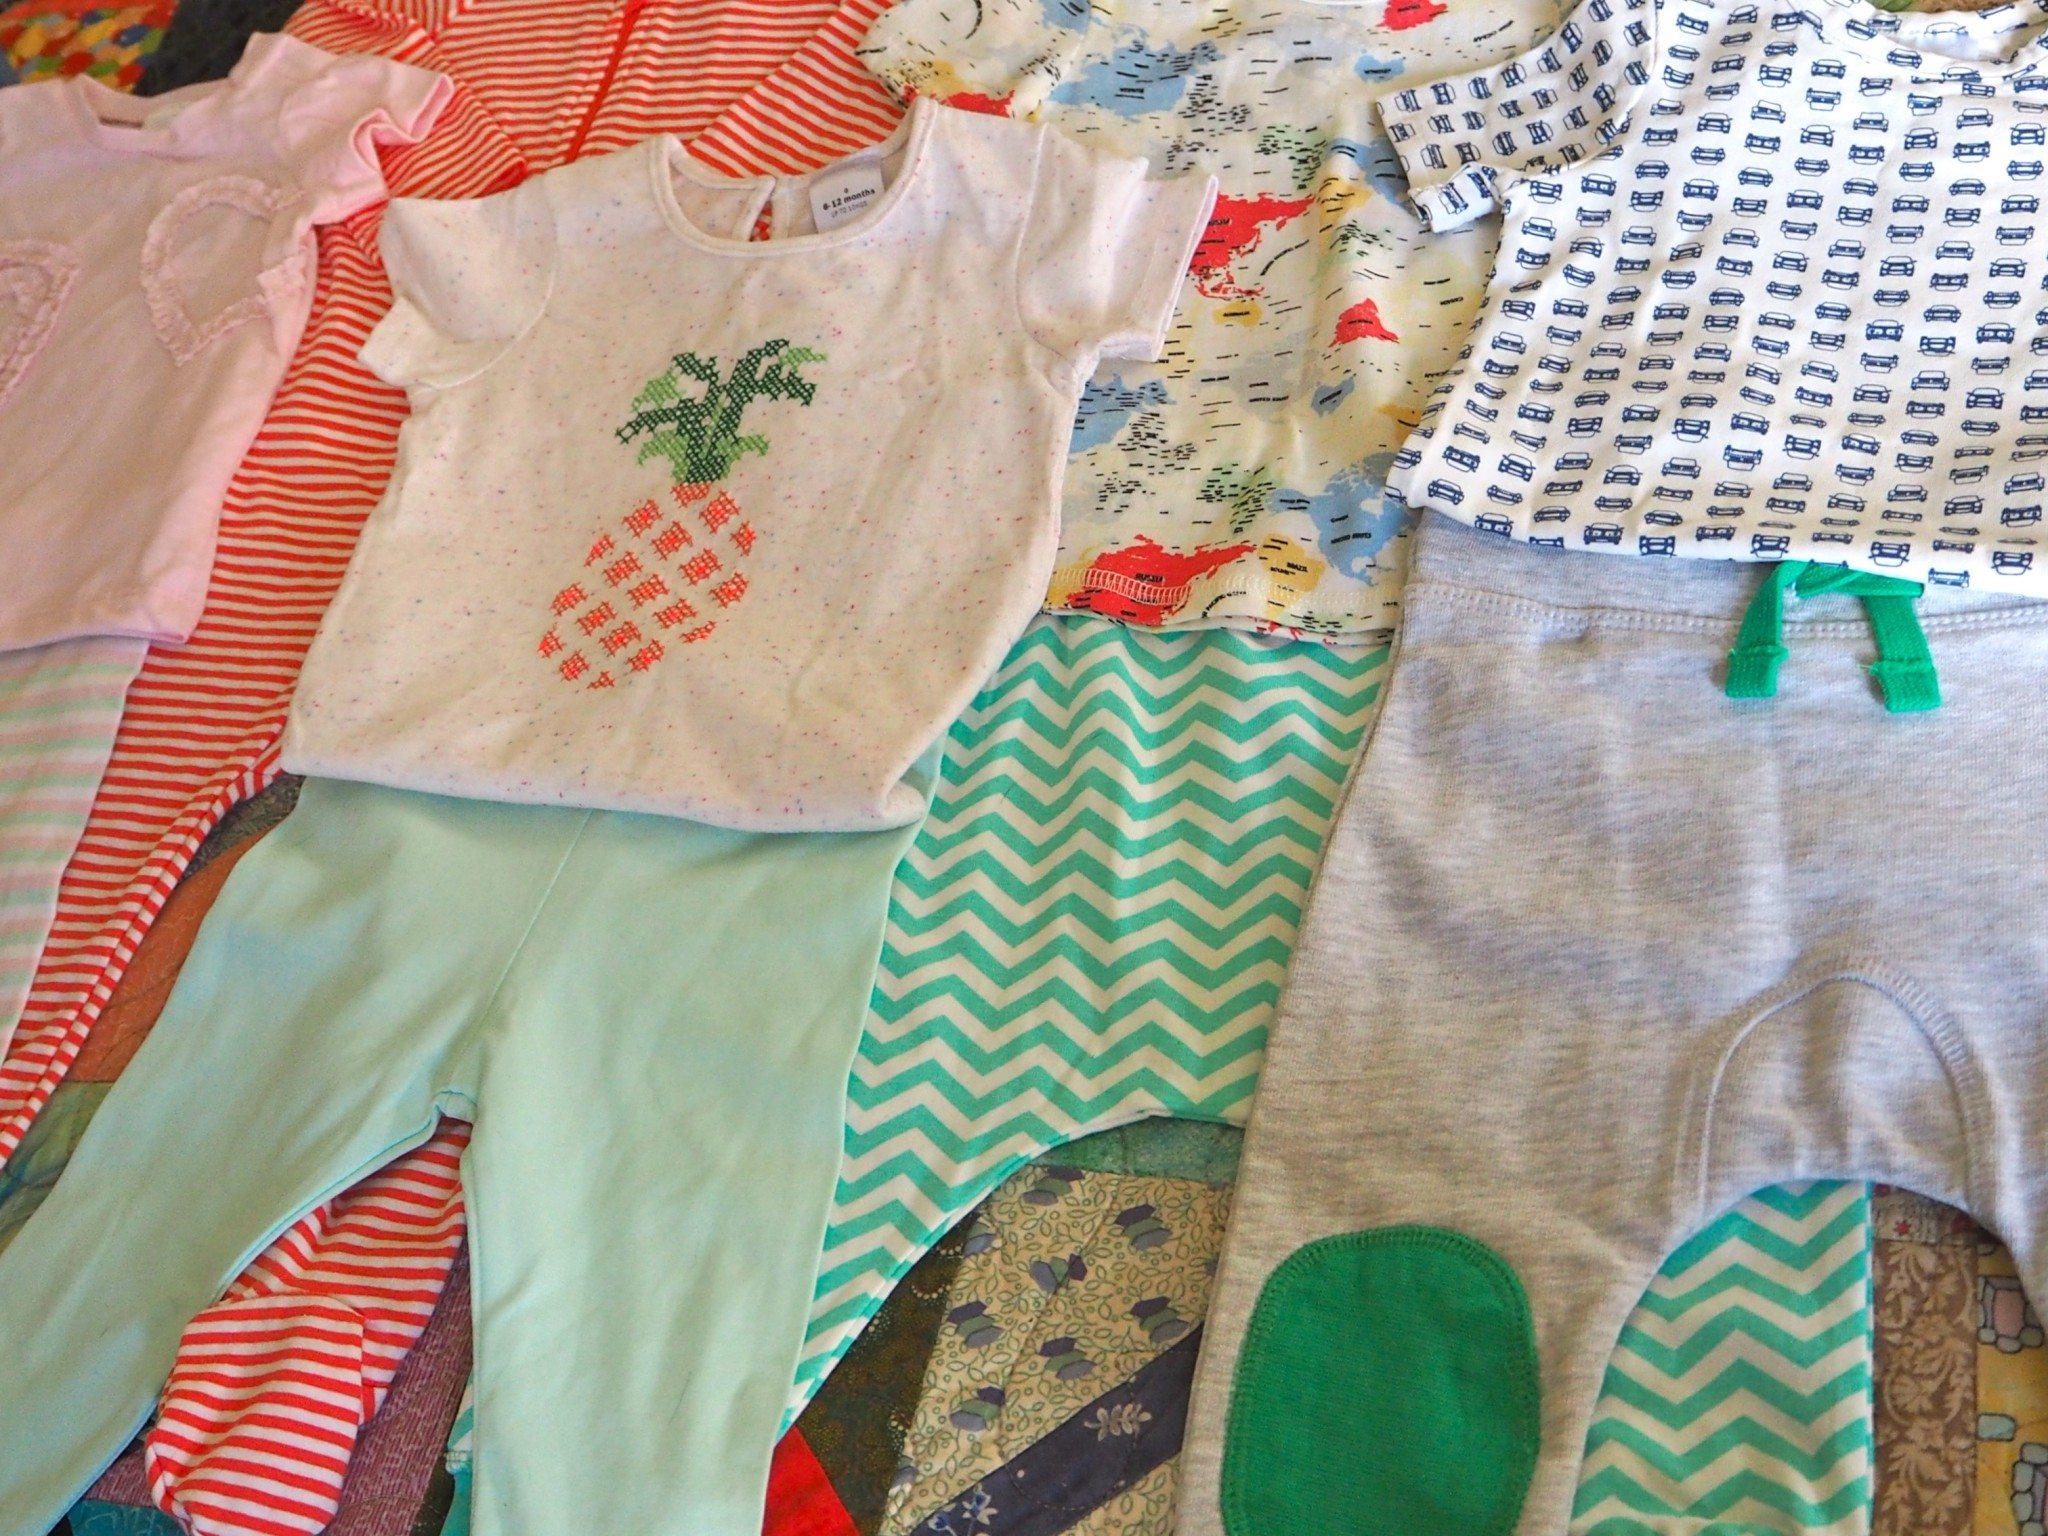 Shopping for Baby at Tar